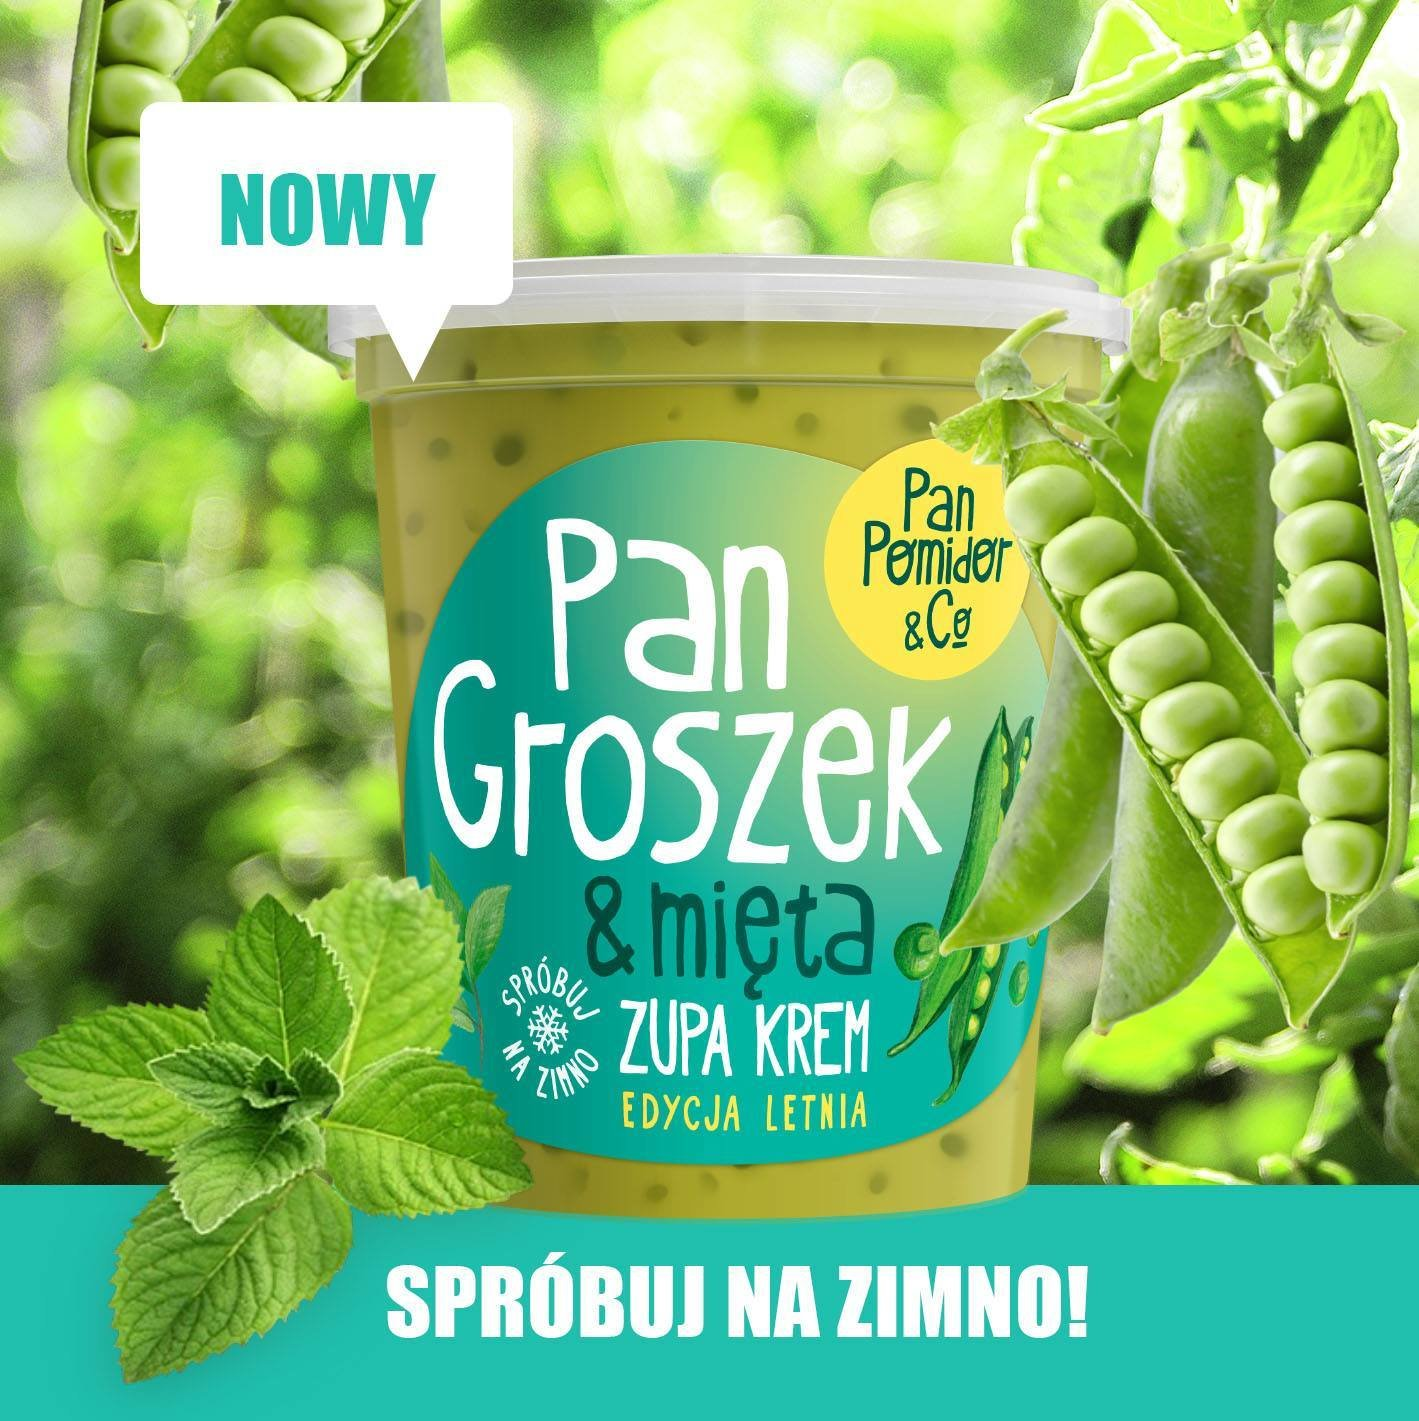 Pan Groszek & Mięta - kolejna nowość od Pan Pomidor&Co.